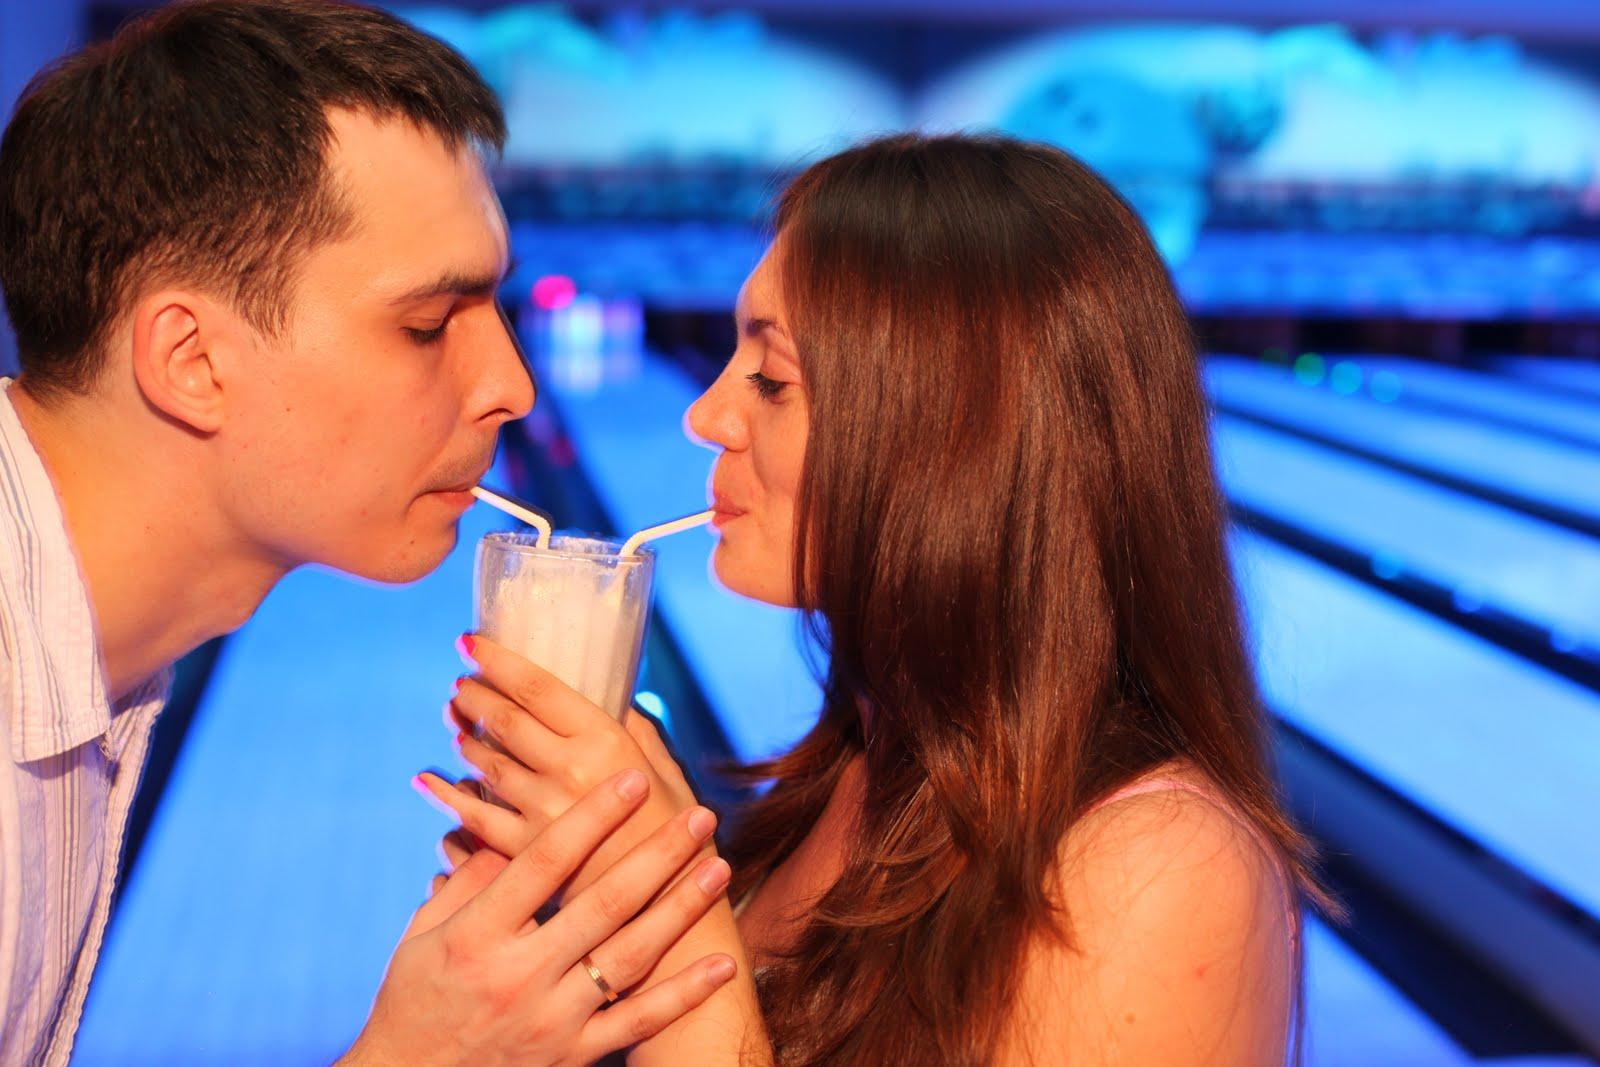 Фото молодого парня который пьет молоко 2 фотография